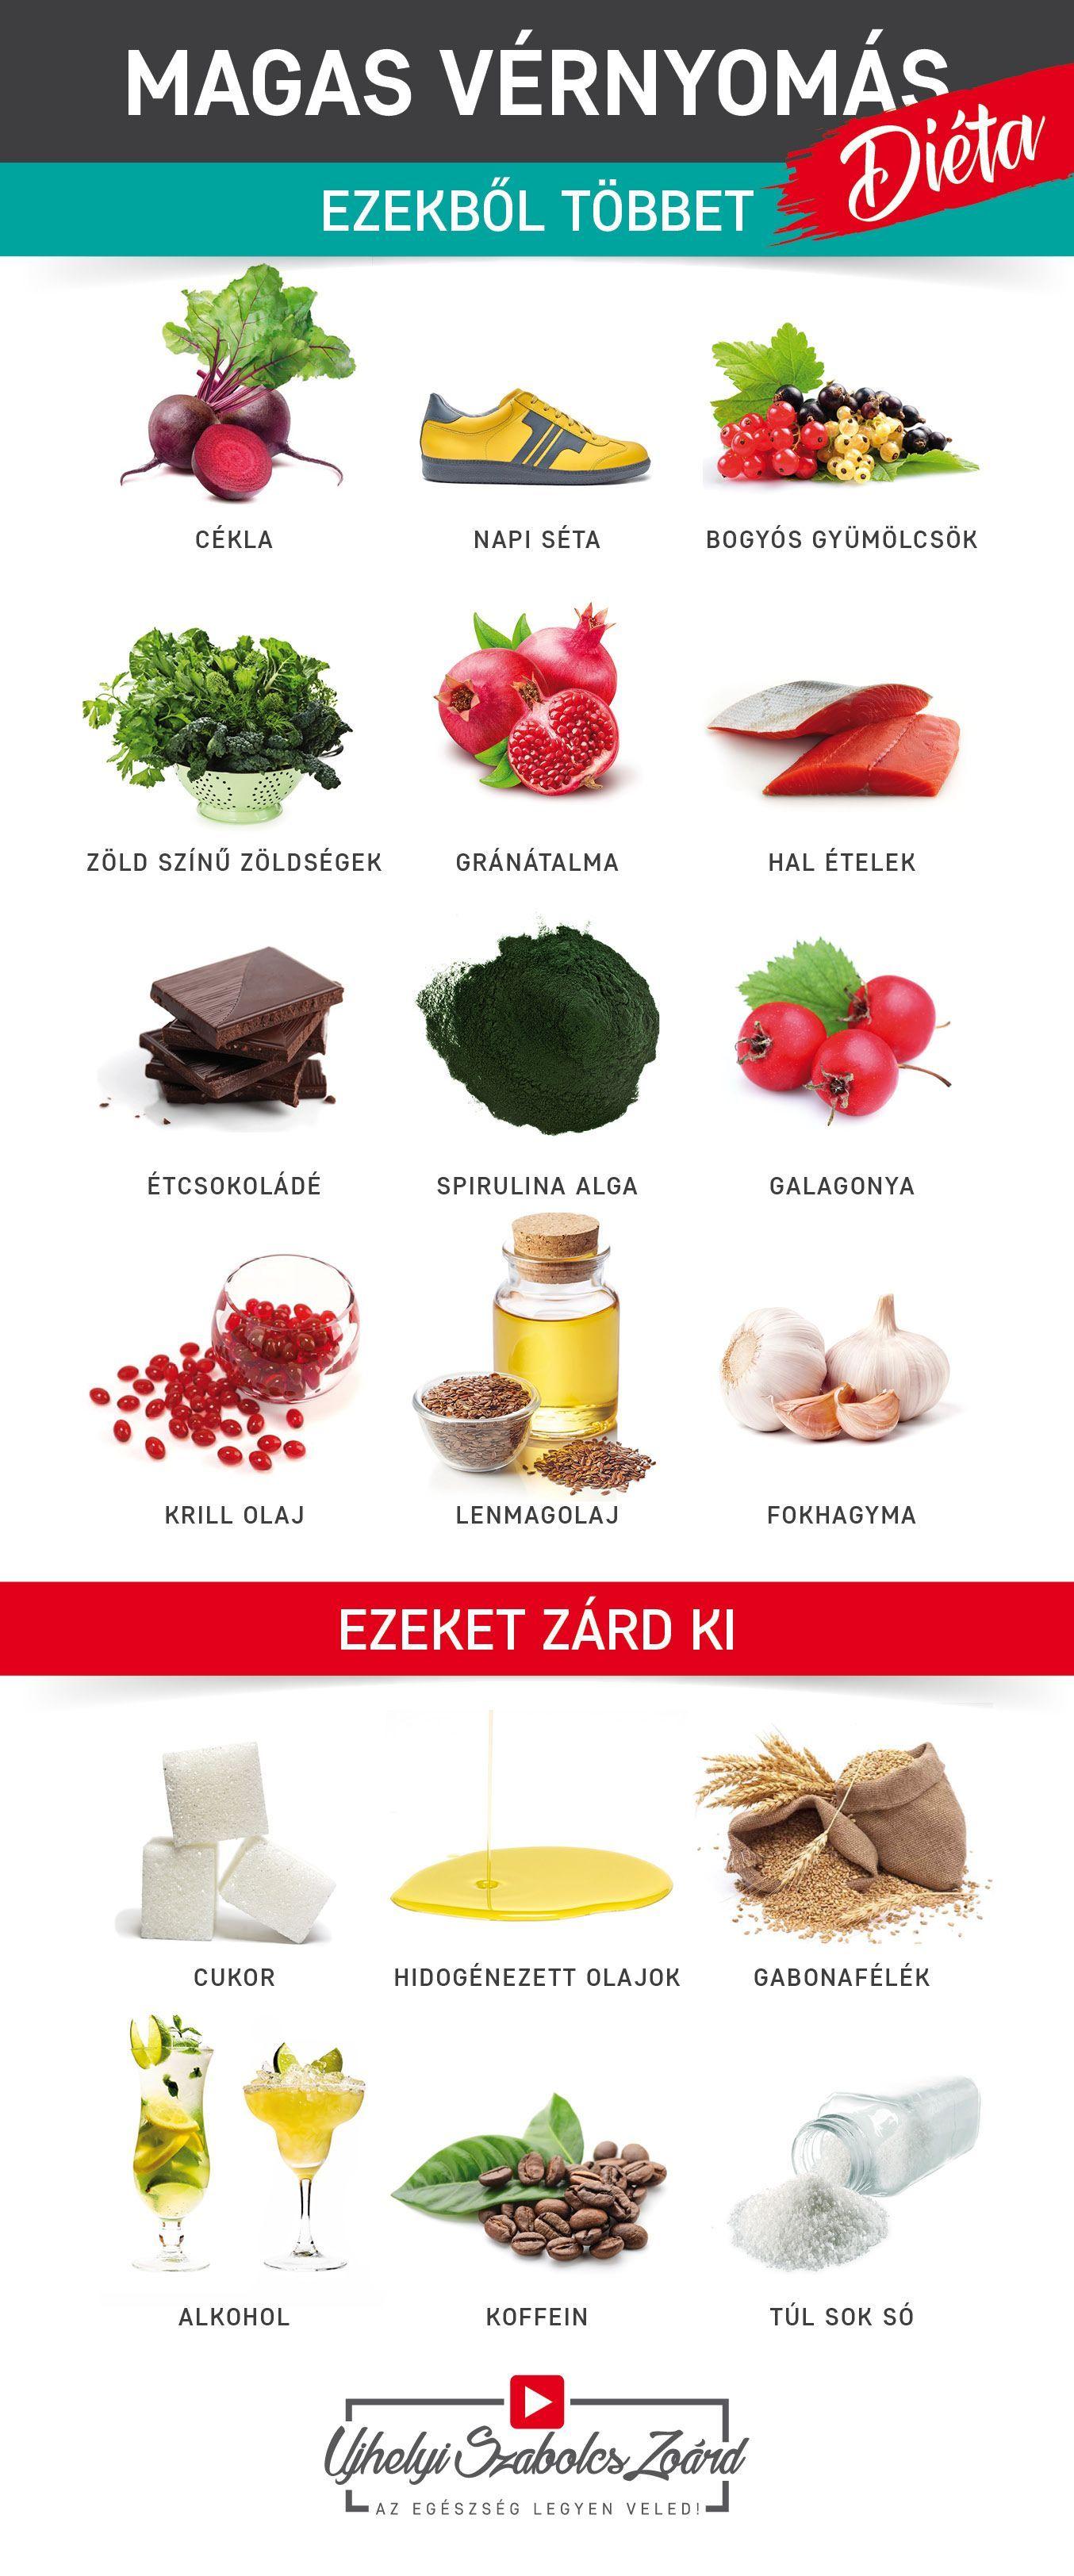 egészséges ételek magas vérnyomás elleni táplálék)